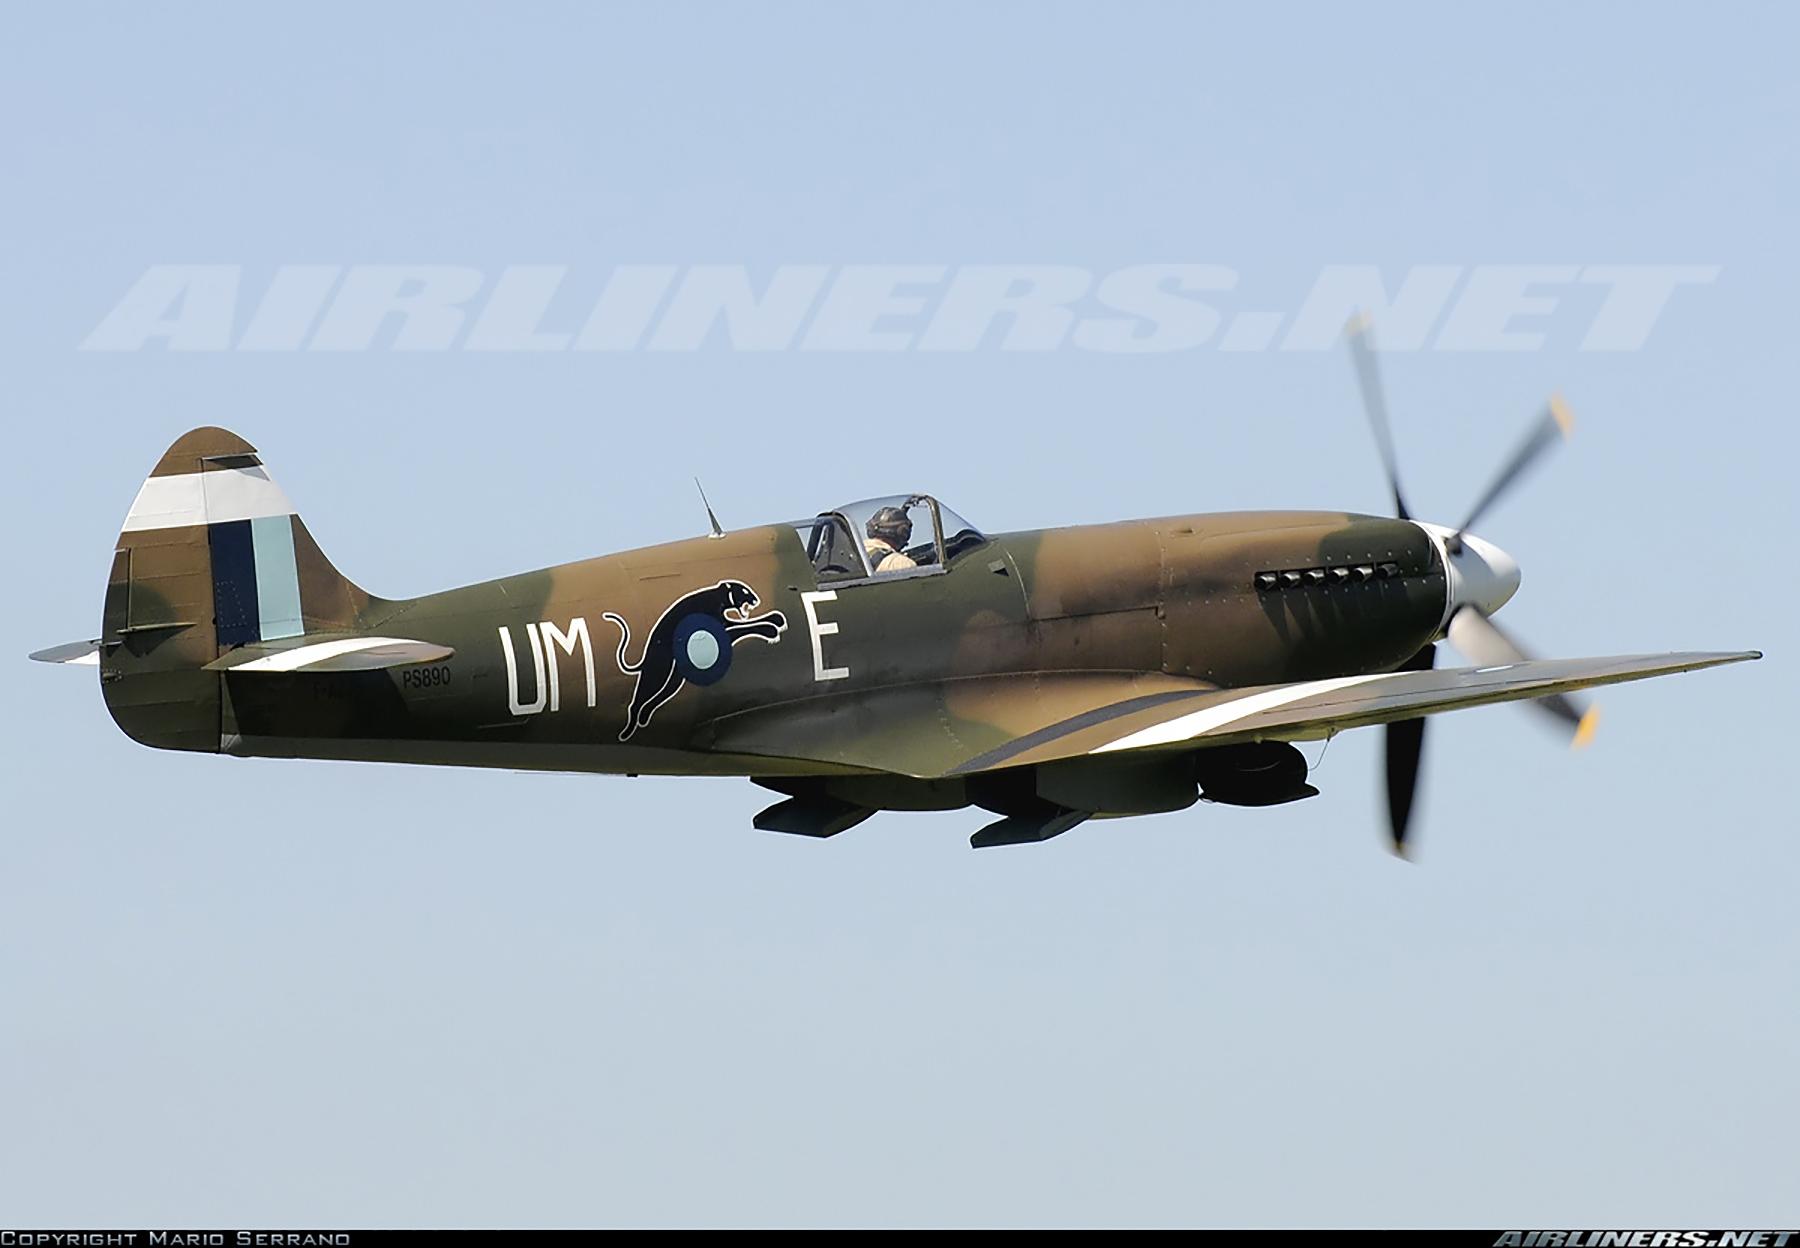 Airworthy Spitfire warbird PR19 PS890 as RAF 152Sqn UME 05